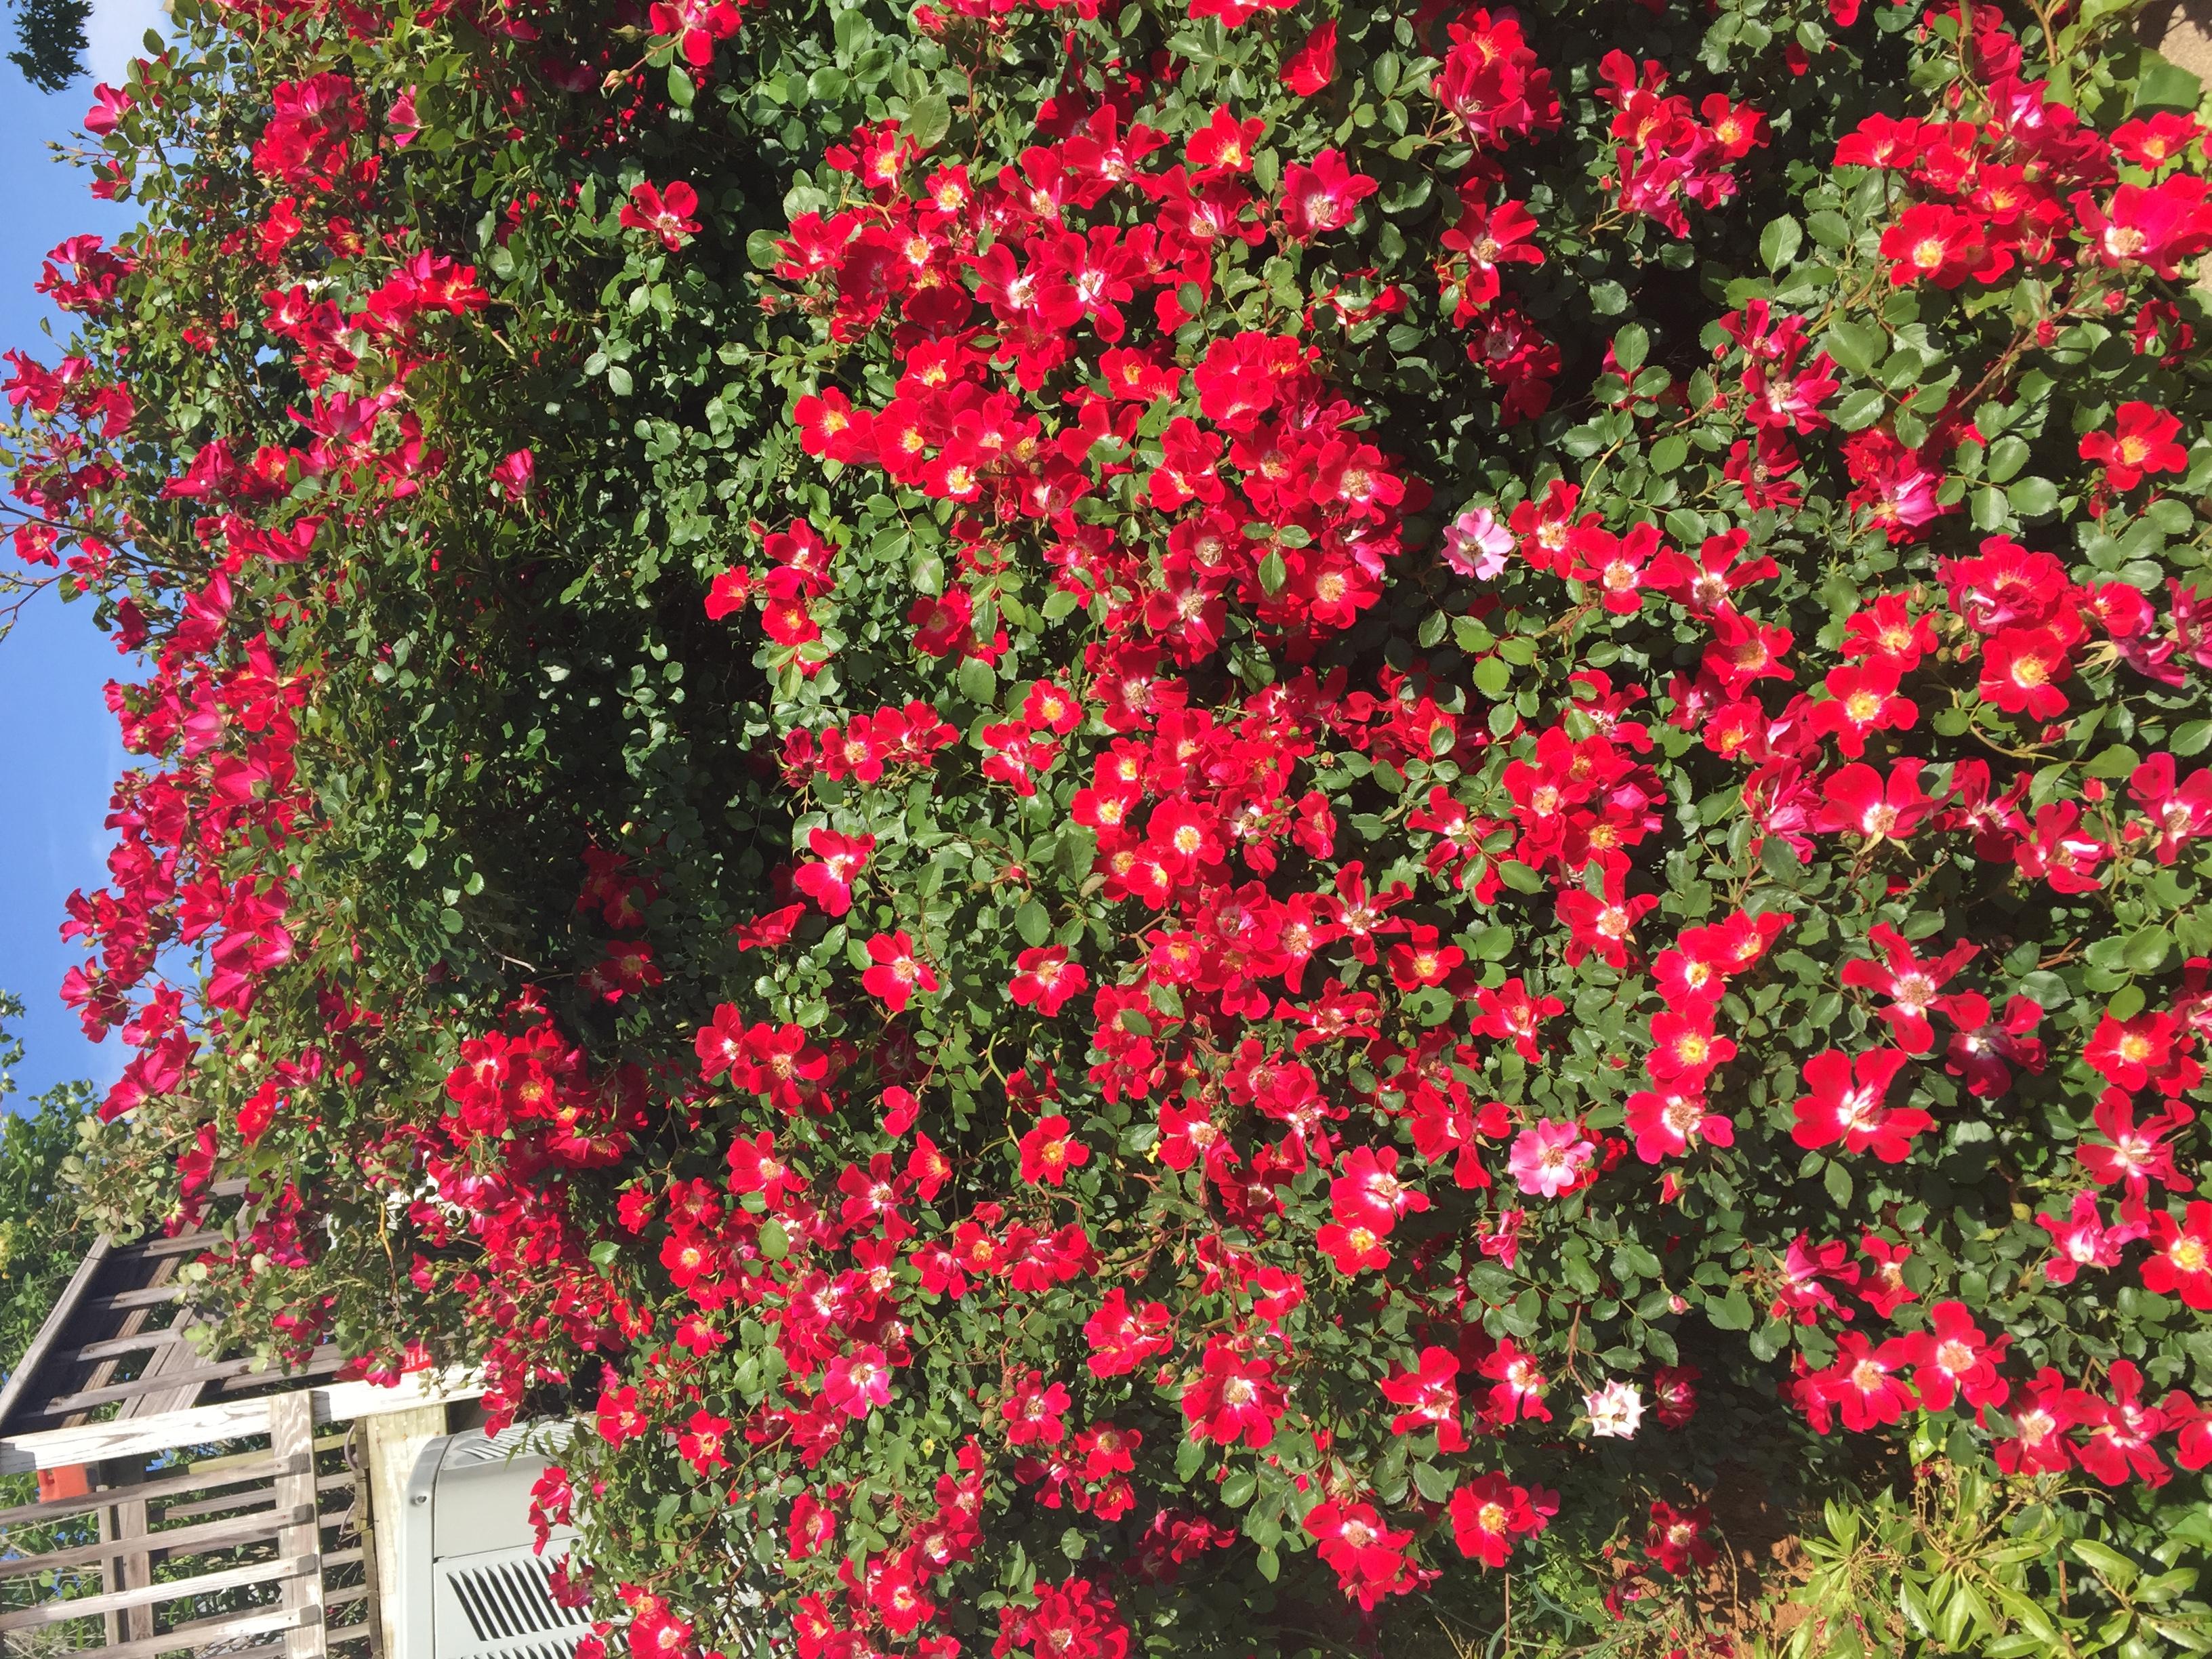 9C7ADDFD C002 4C23 AD25 BAD8B323329B Roses in full bloom!